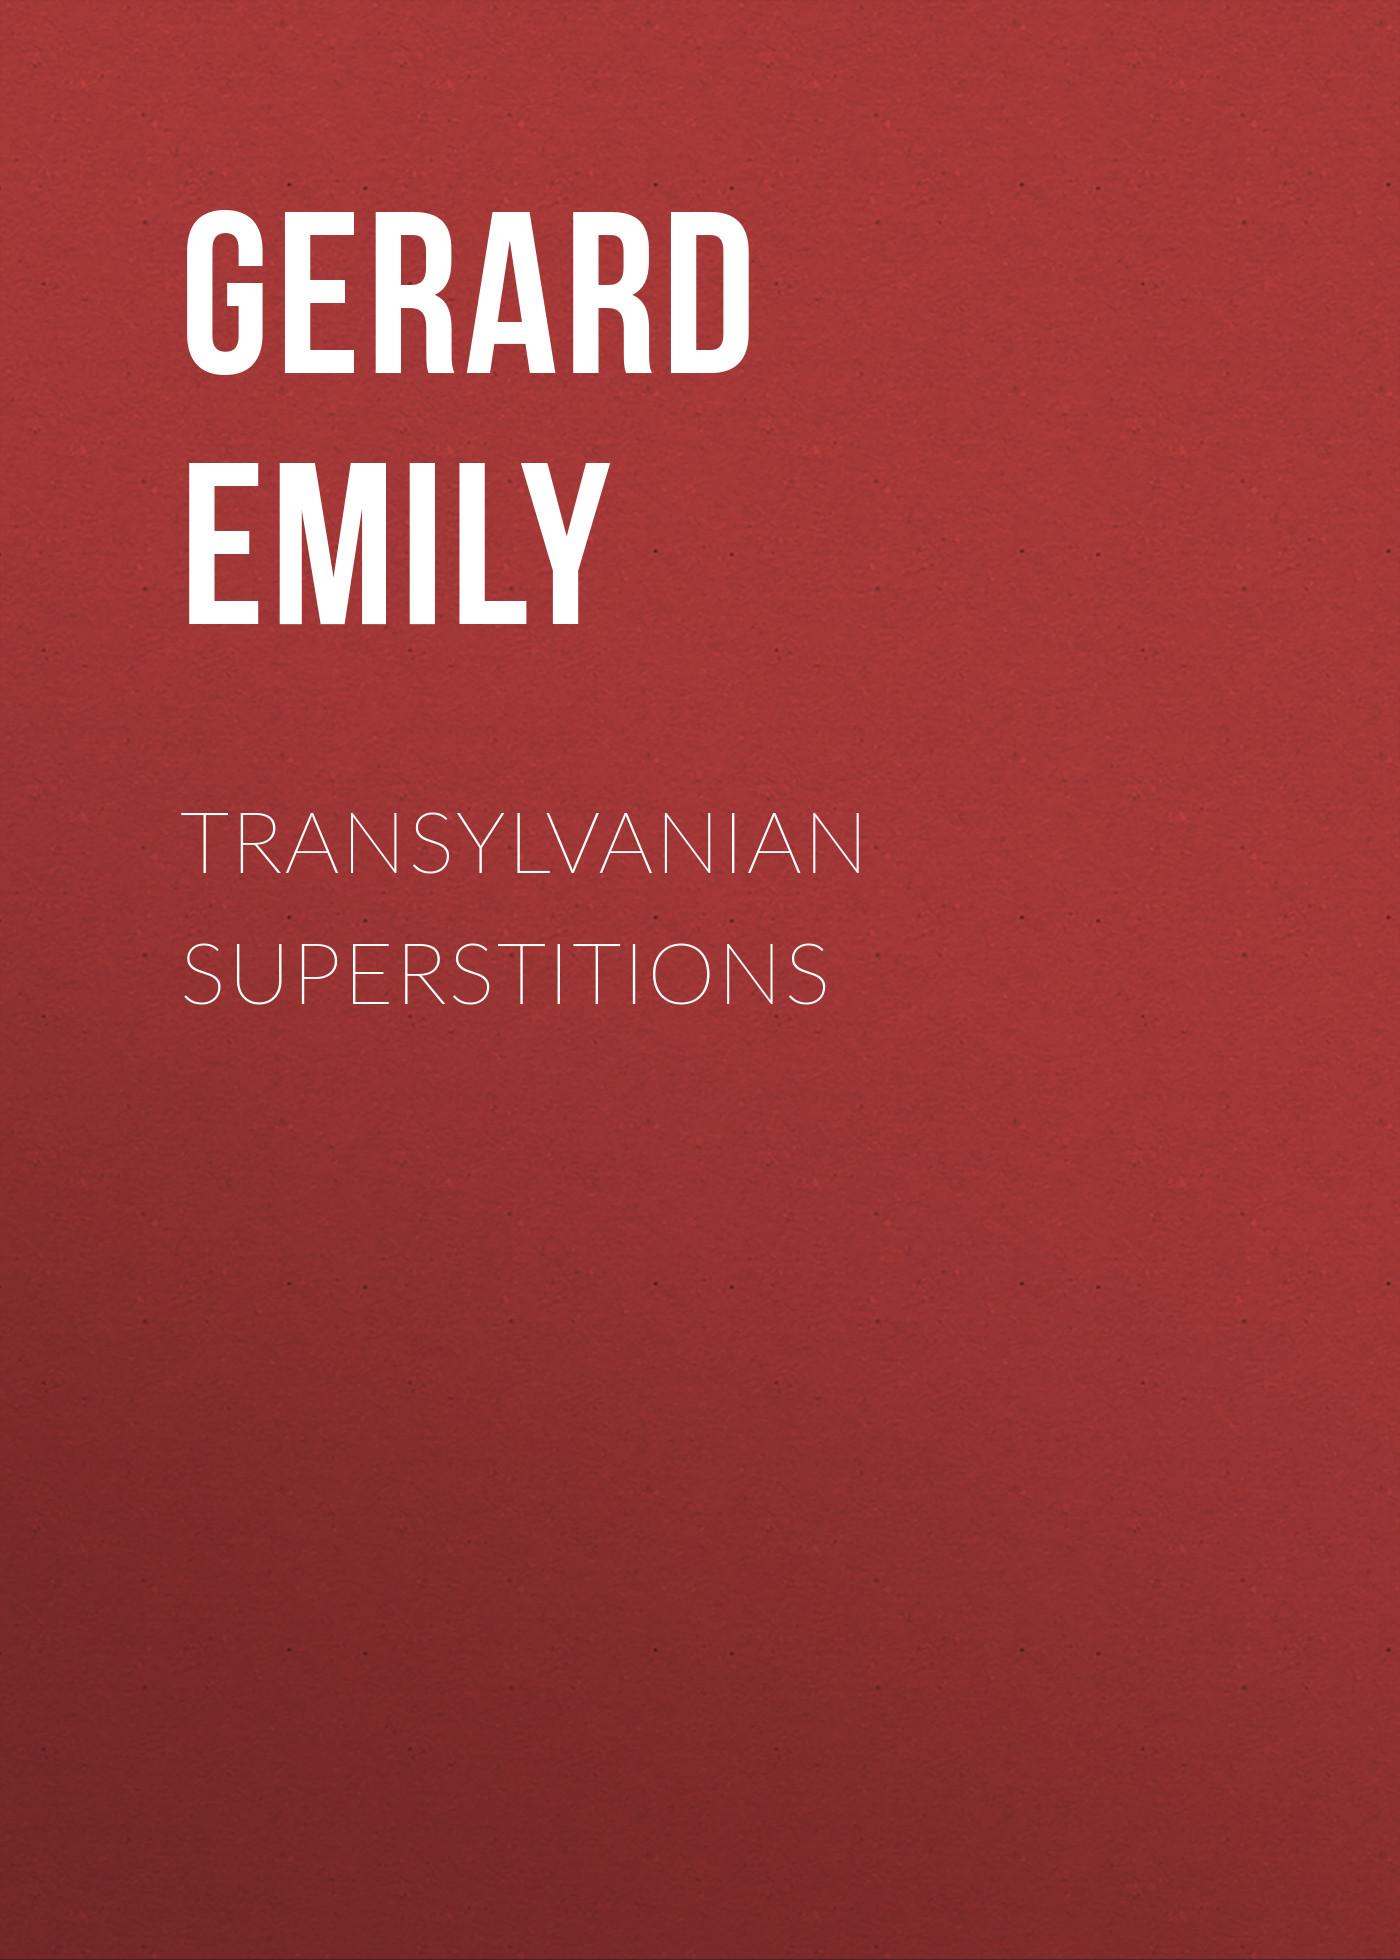 цена Gerard Emily Transylvanian Superstitions онлайн в 2017 году